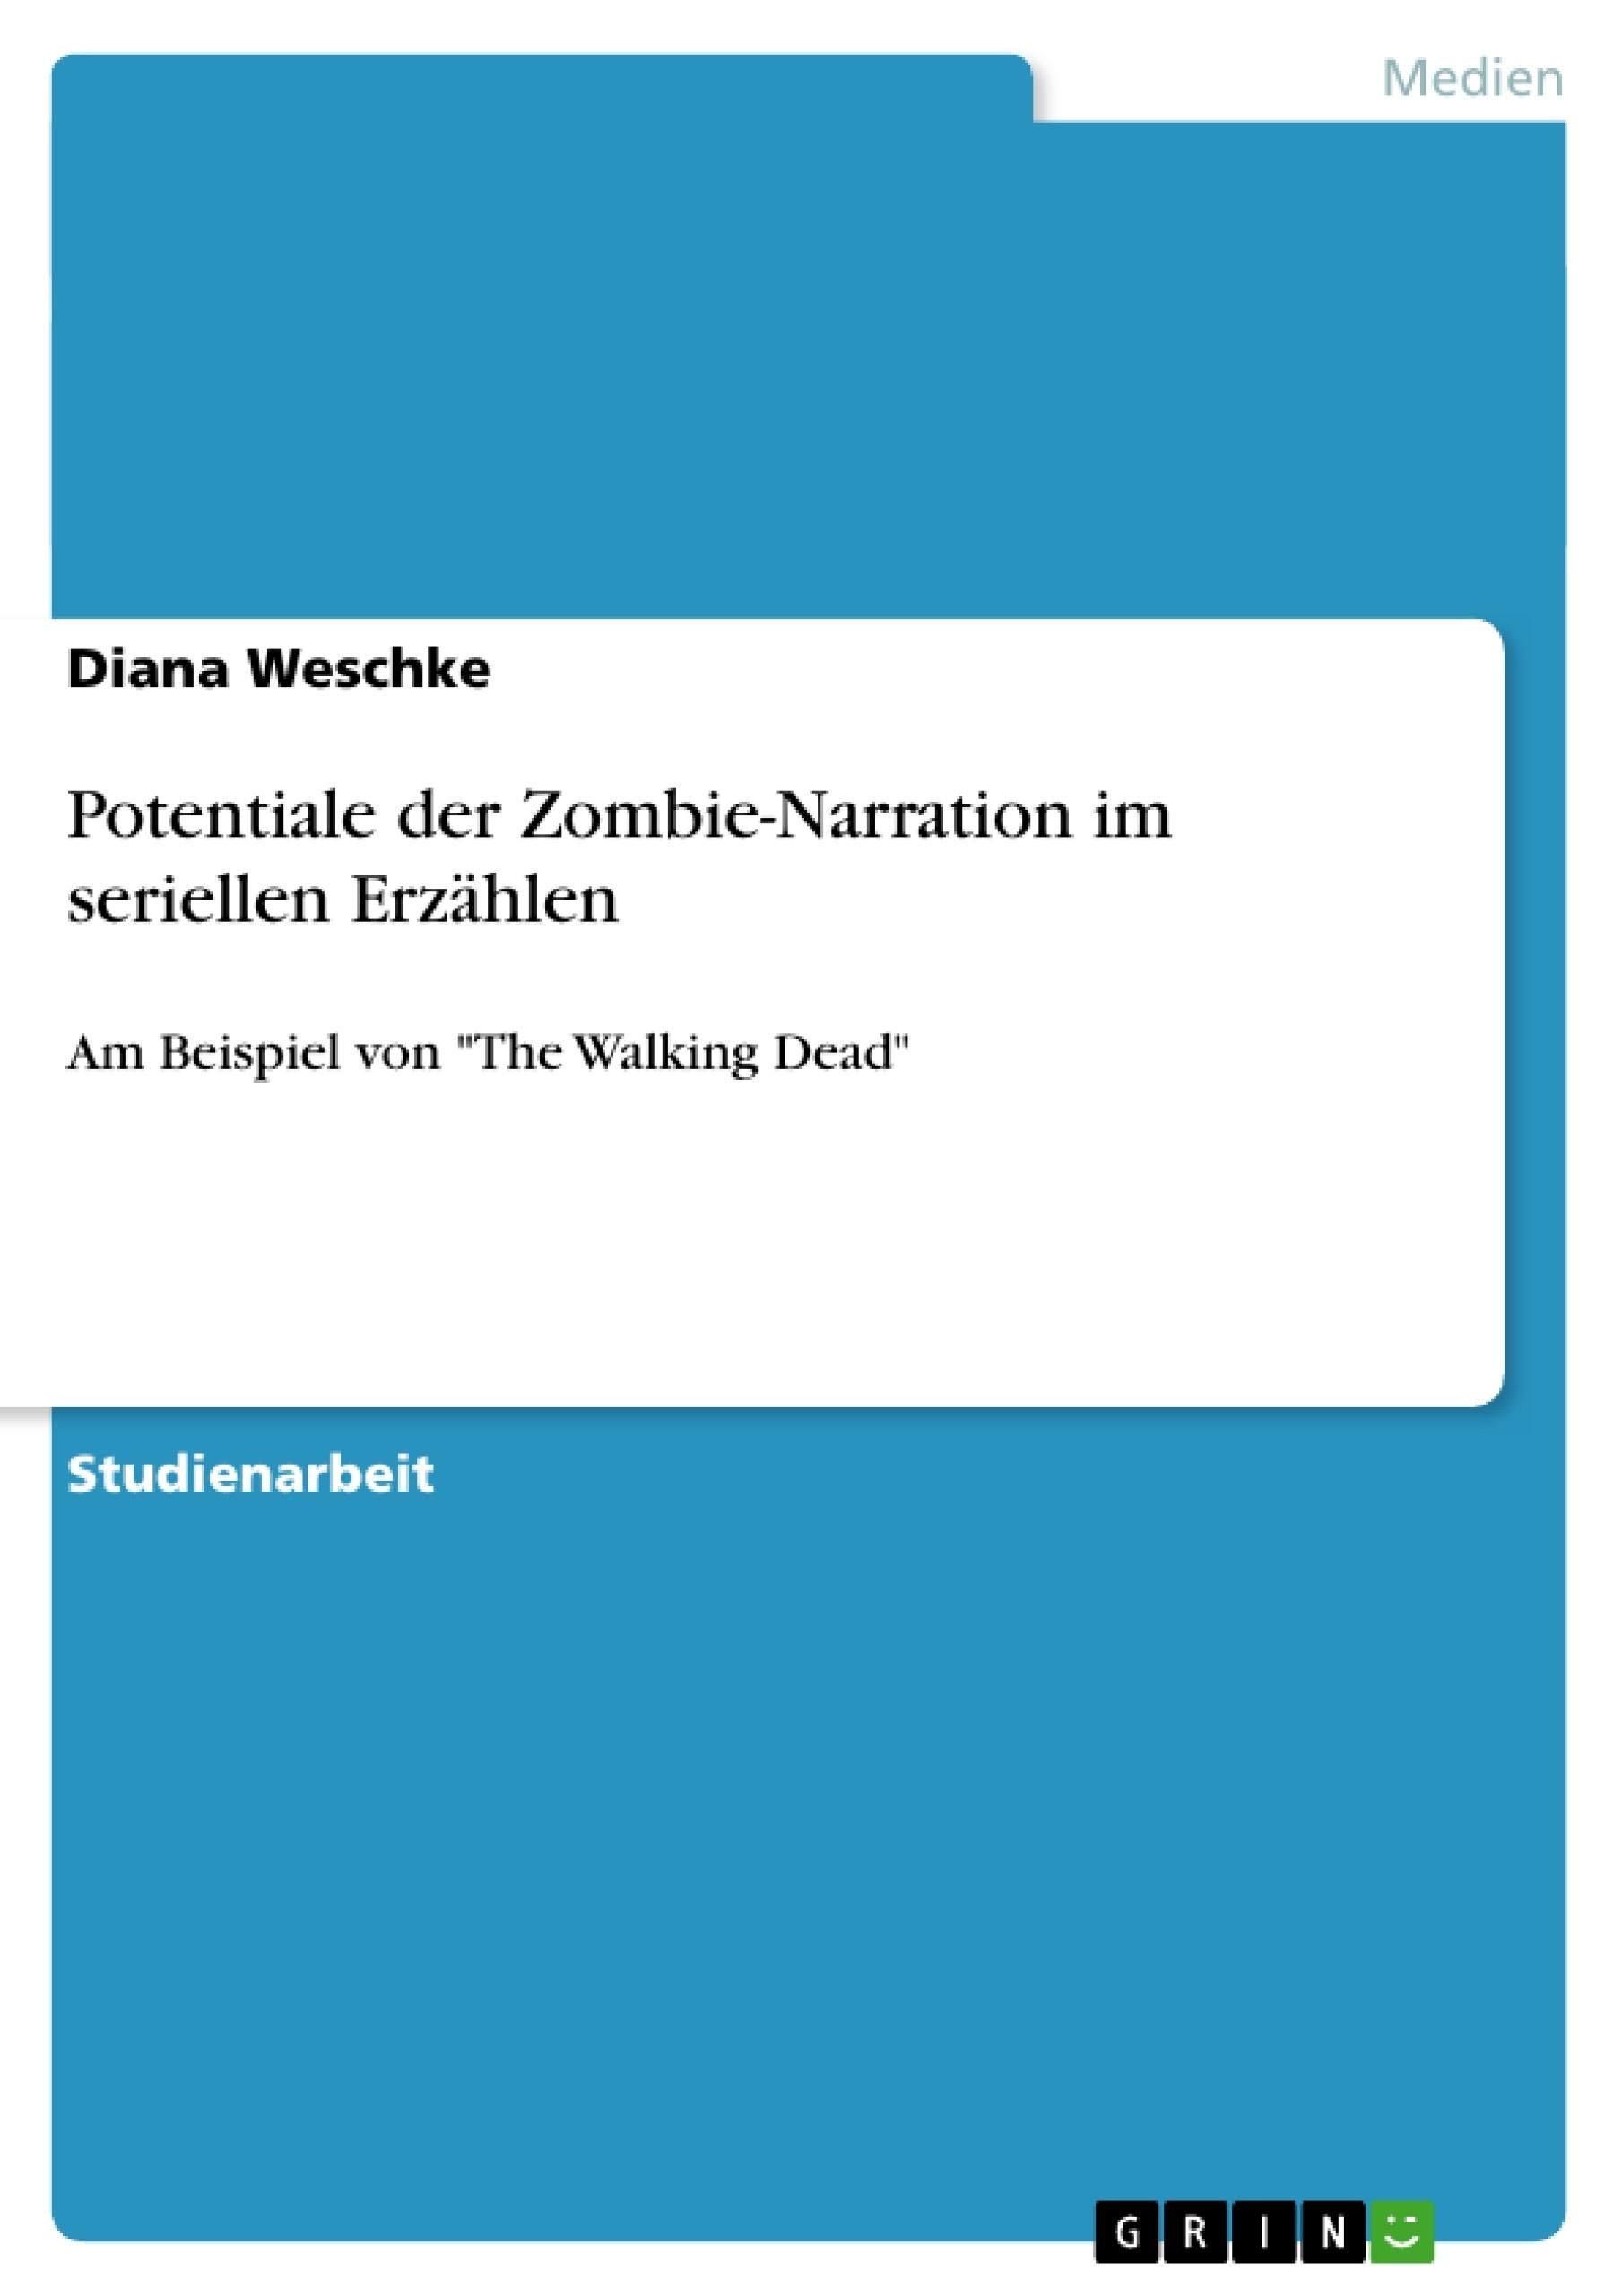 Titel: Potentiale der Zombie-Narration im seriellen Erzählen